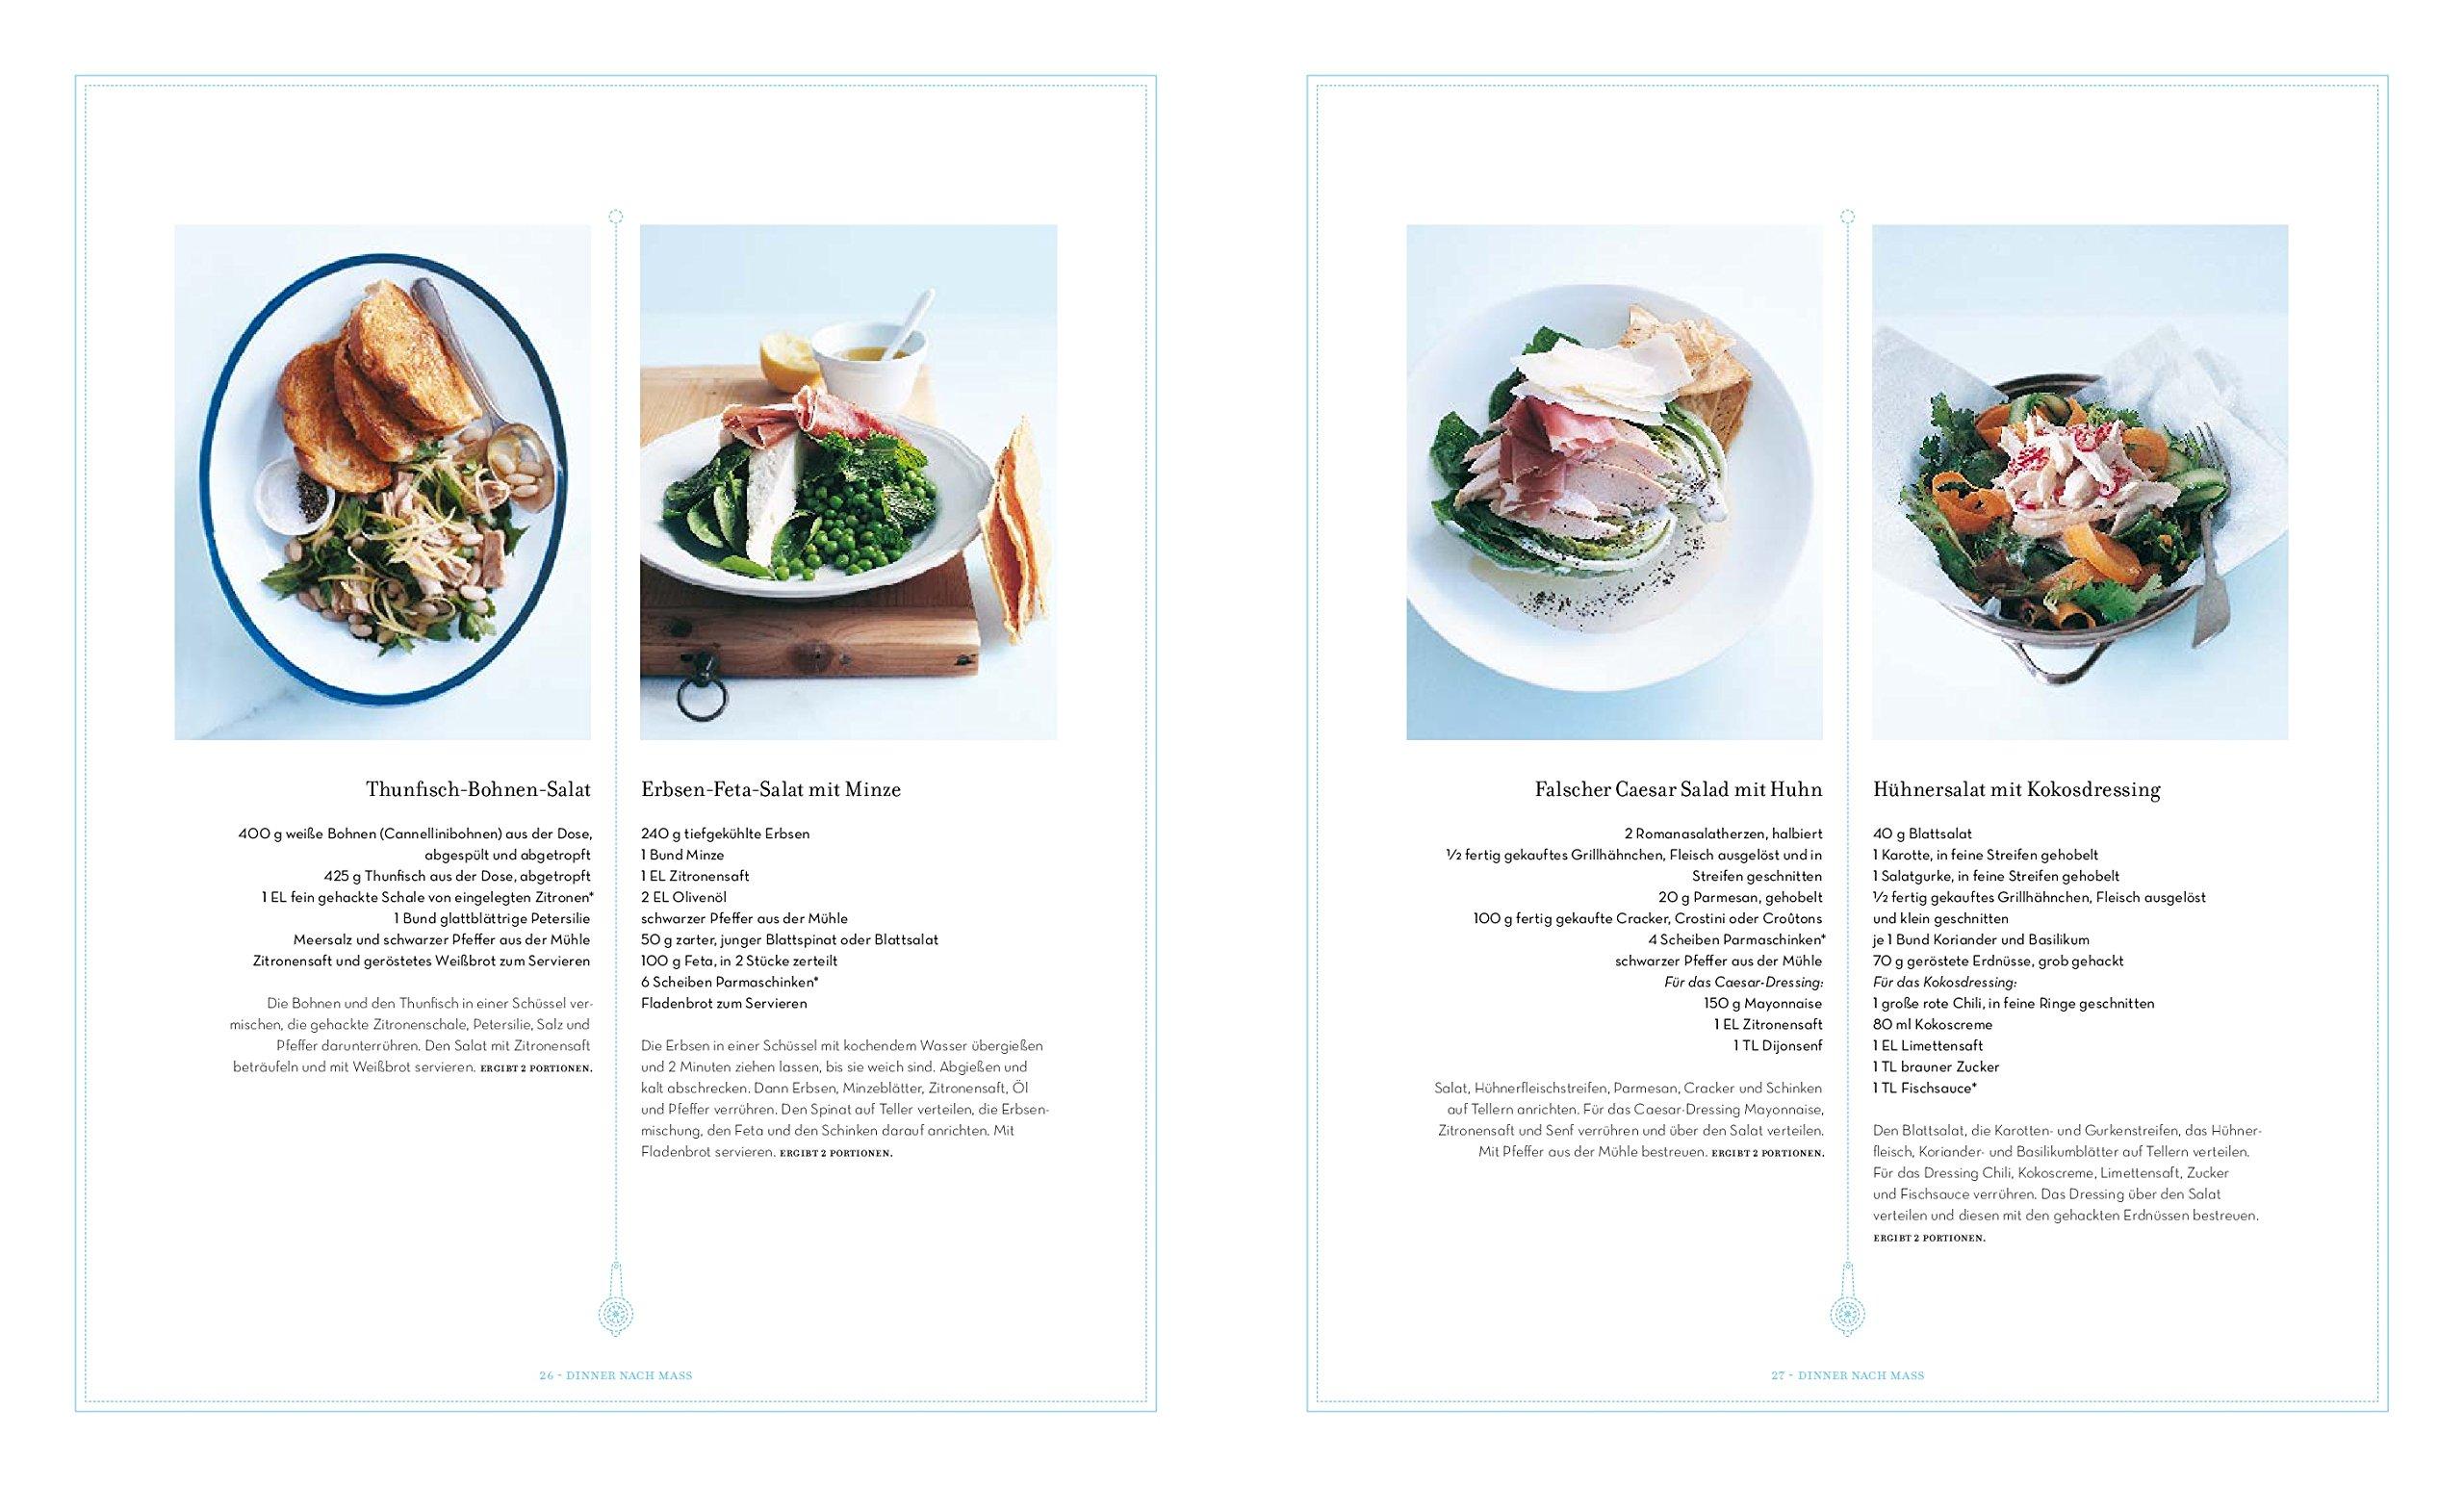 Ausgezeichnet Leichte Küche Mit Fleisch Fotos - Die Designideen für ...